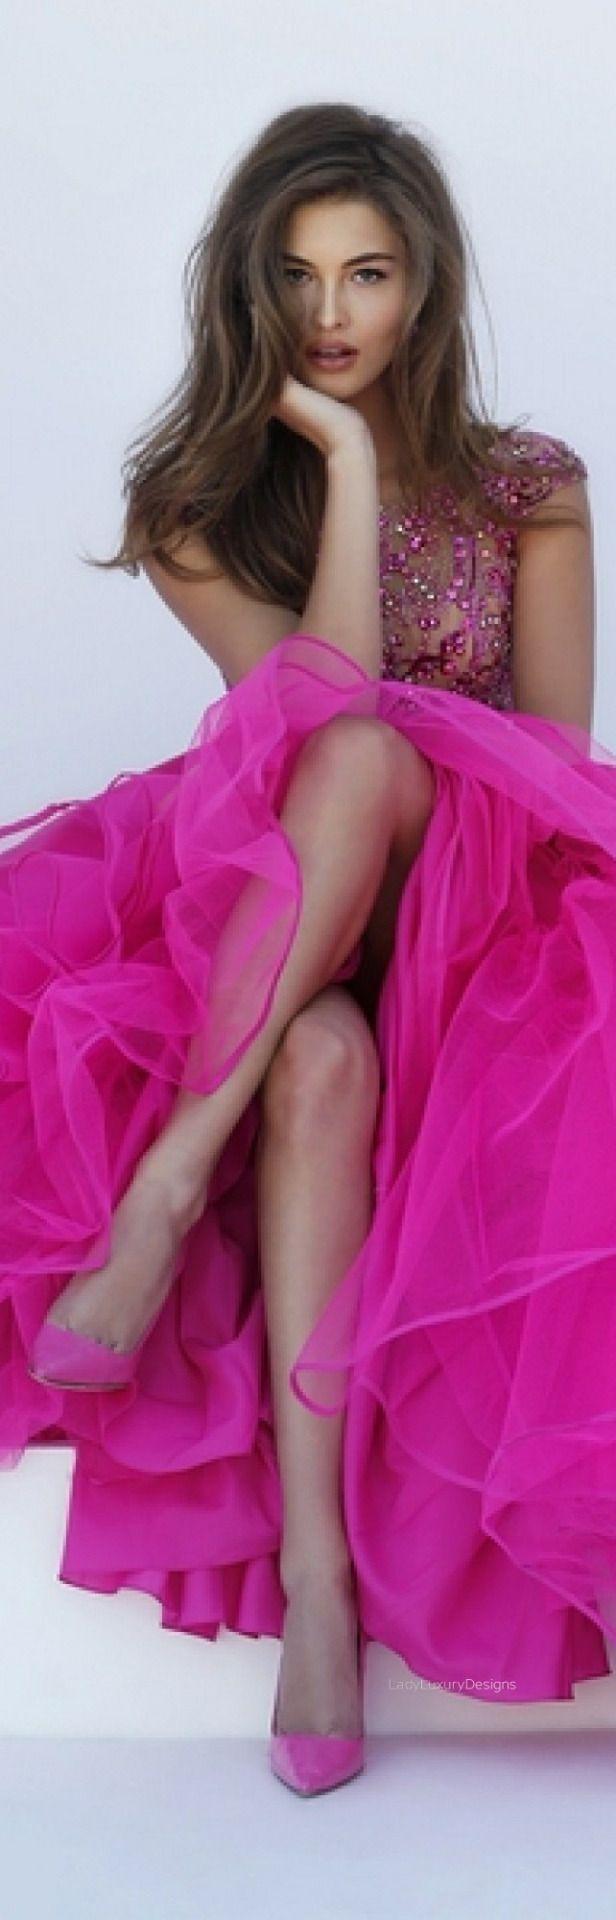 Fucsia #pink                                                                                                                                                                                 Más